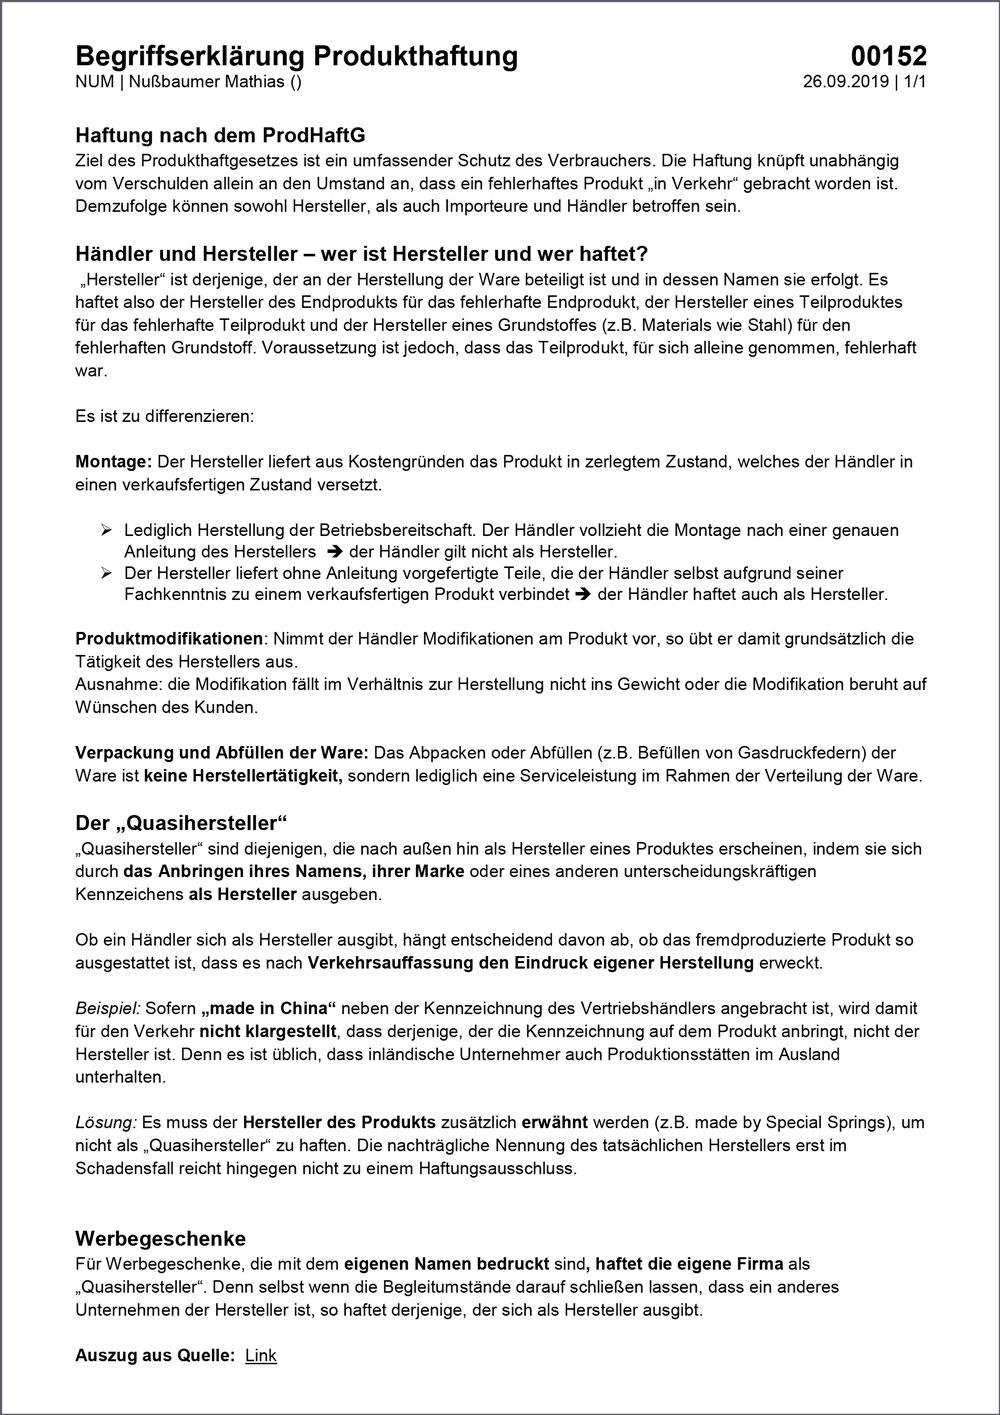 WBI-Vorlage-Definition-Prdukthaftung